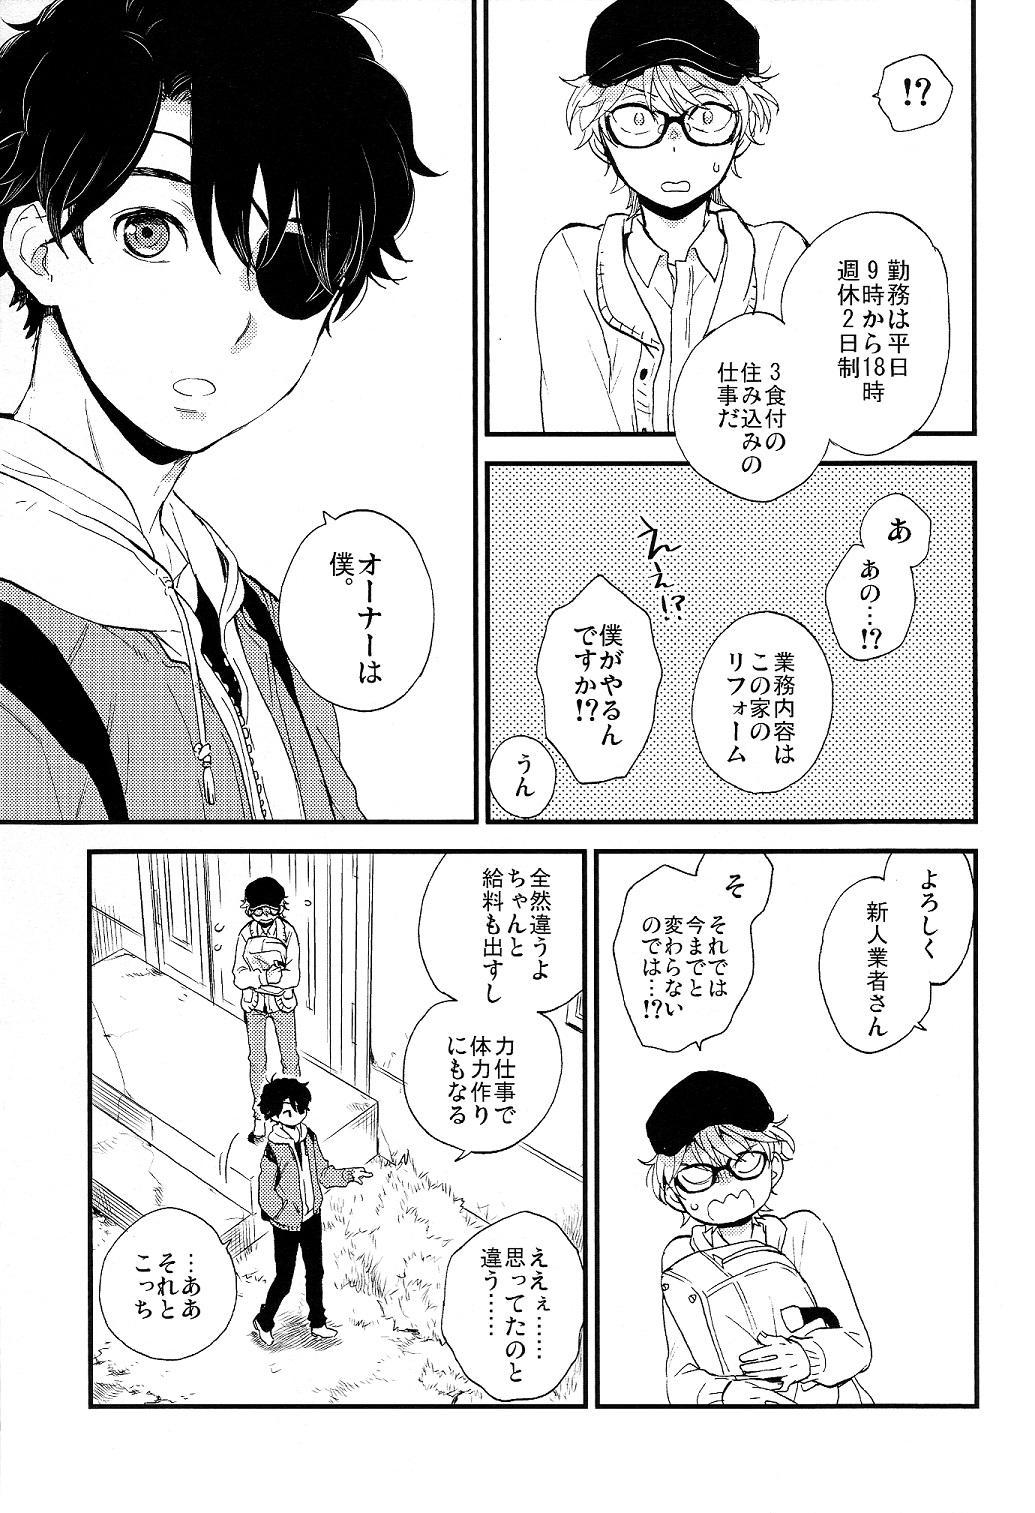 Hakoniwa Life 12